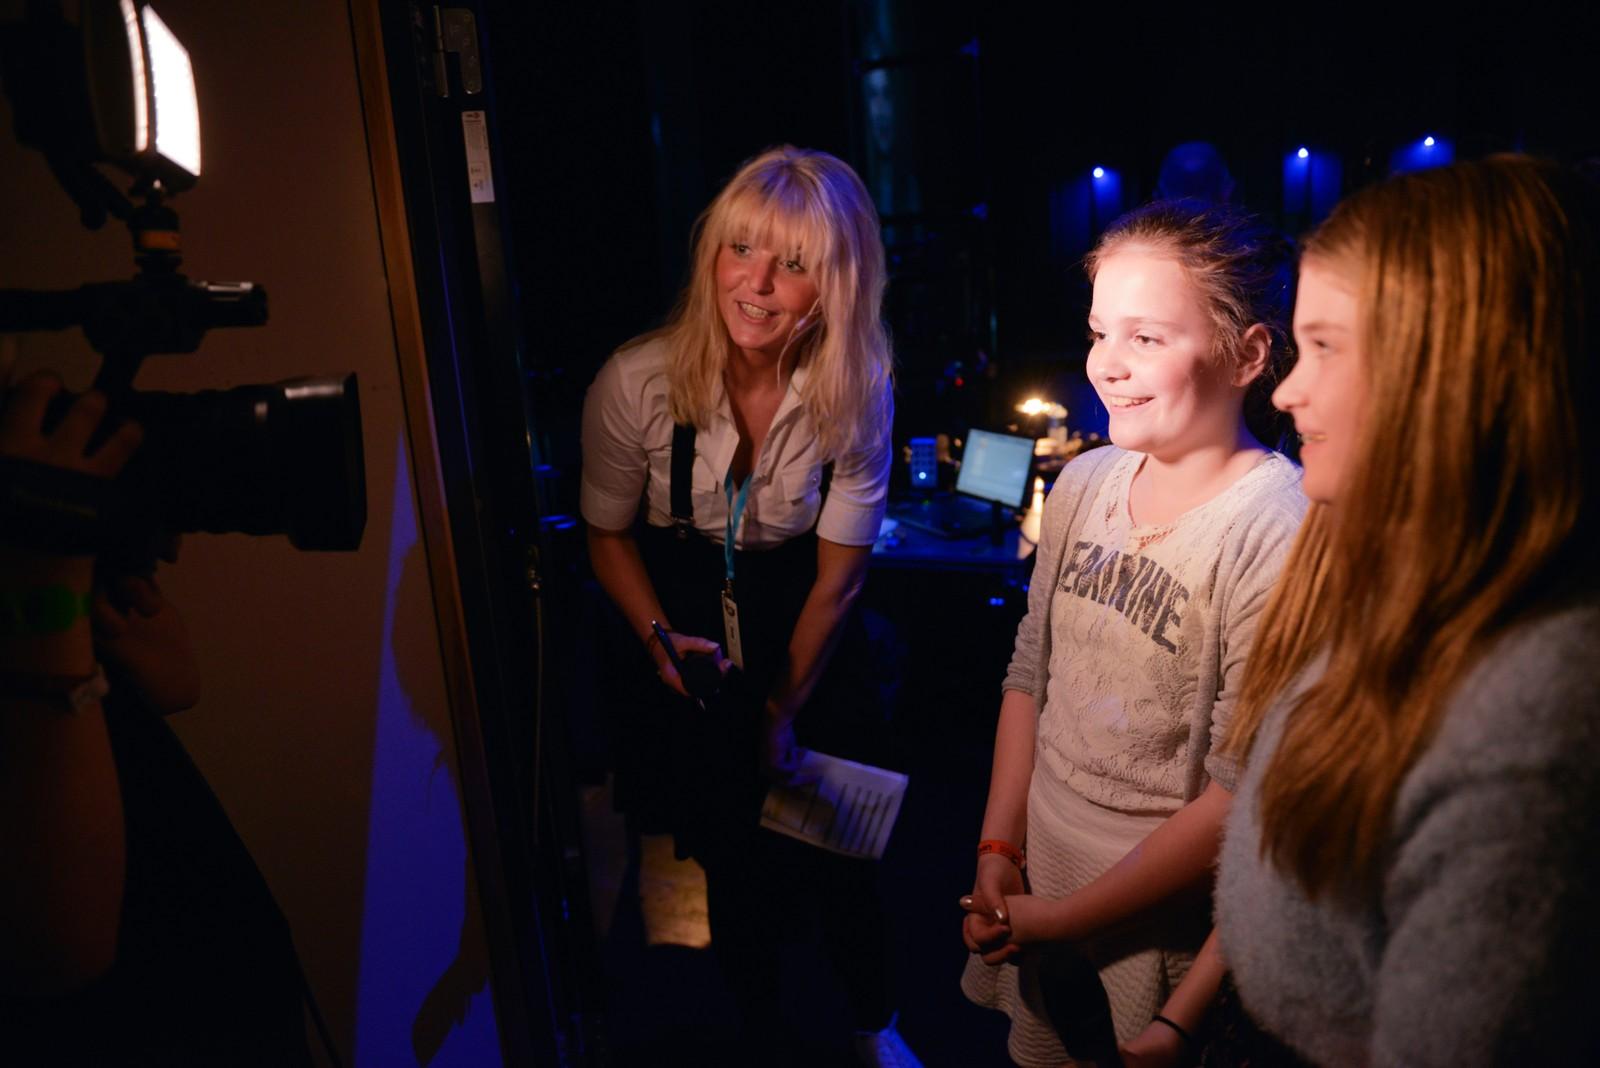 Intervju backstage med Ingvild og Tea.